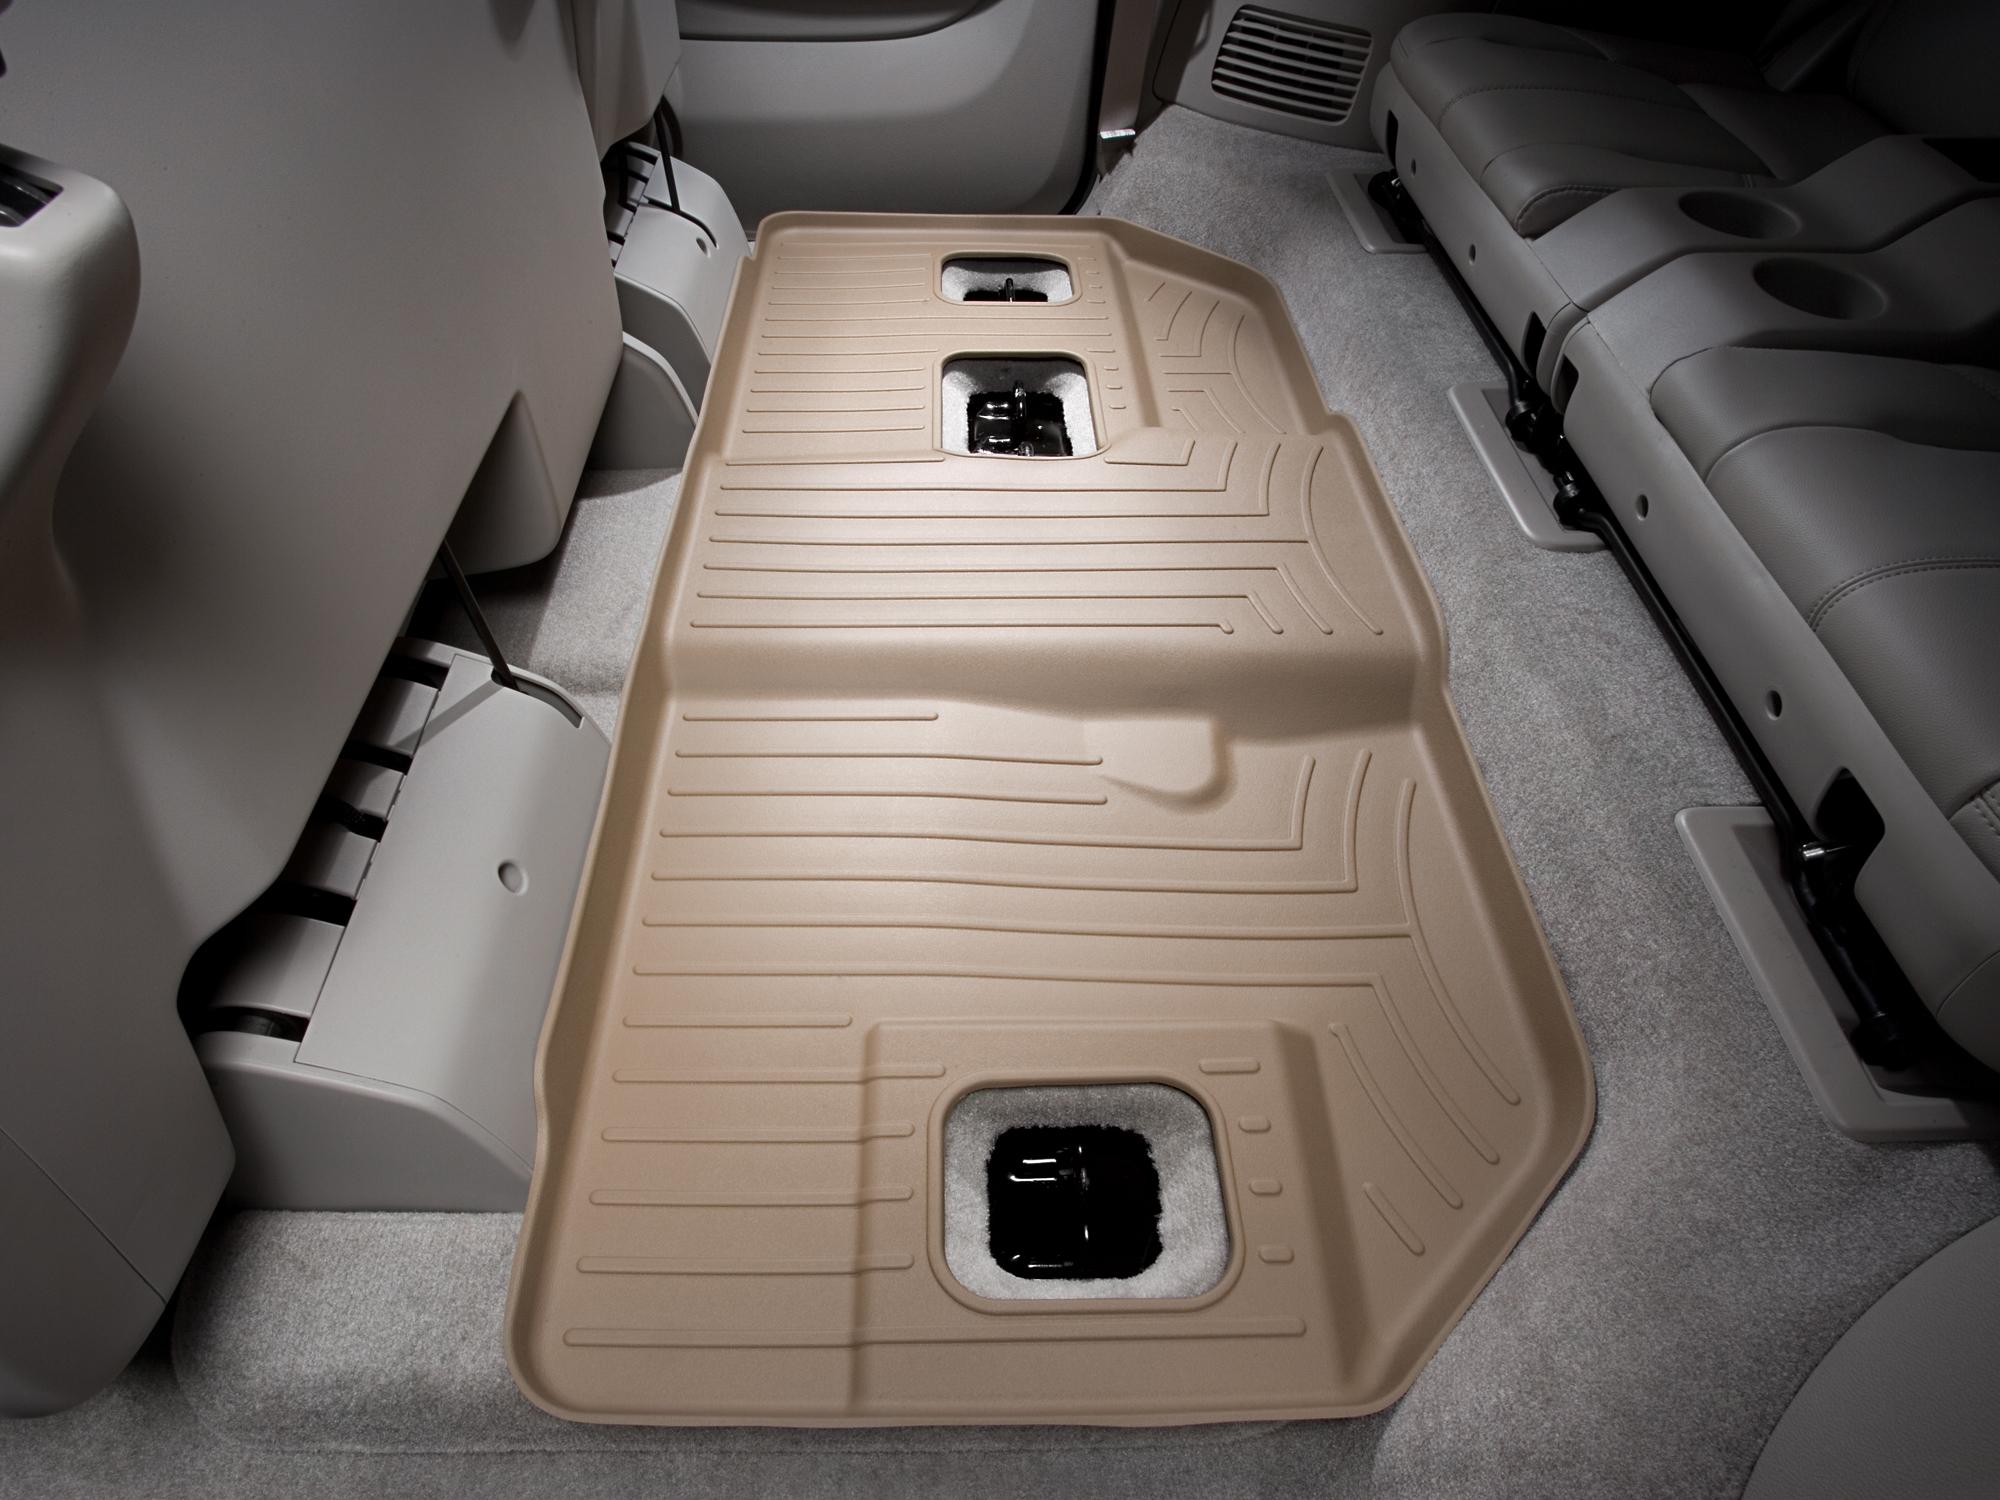 Tappeti gomma su misura bordo alto Cadillac Escalade ESV 07>10 Marrone A49*